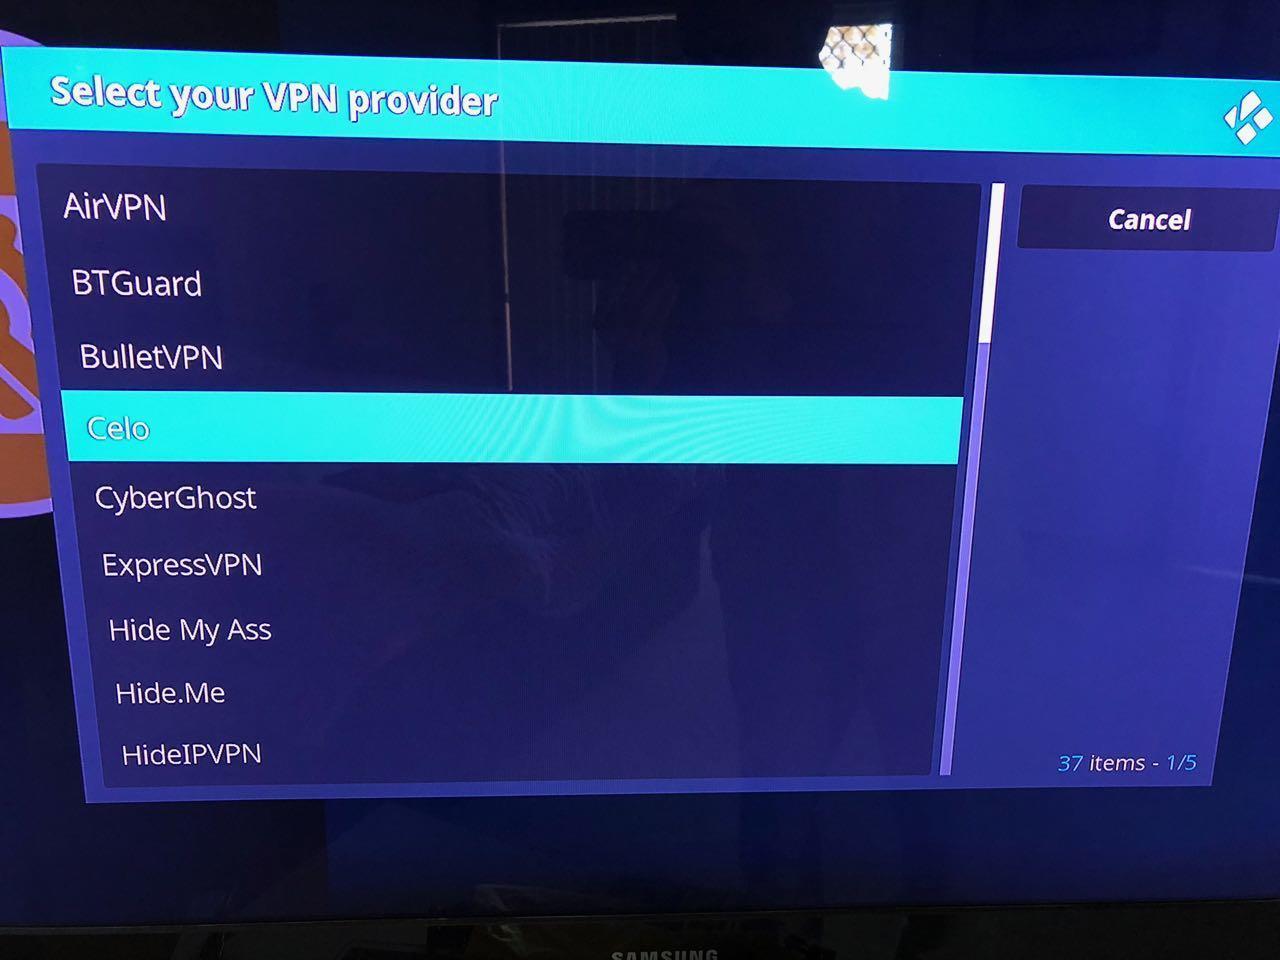 kodi-openvpn-select-vpn-provider